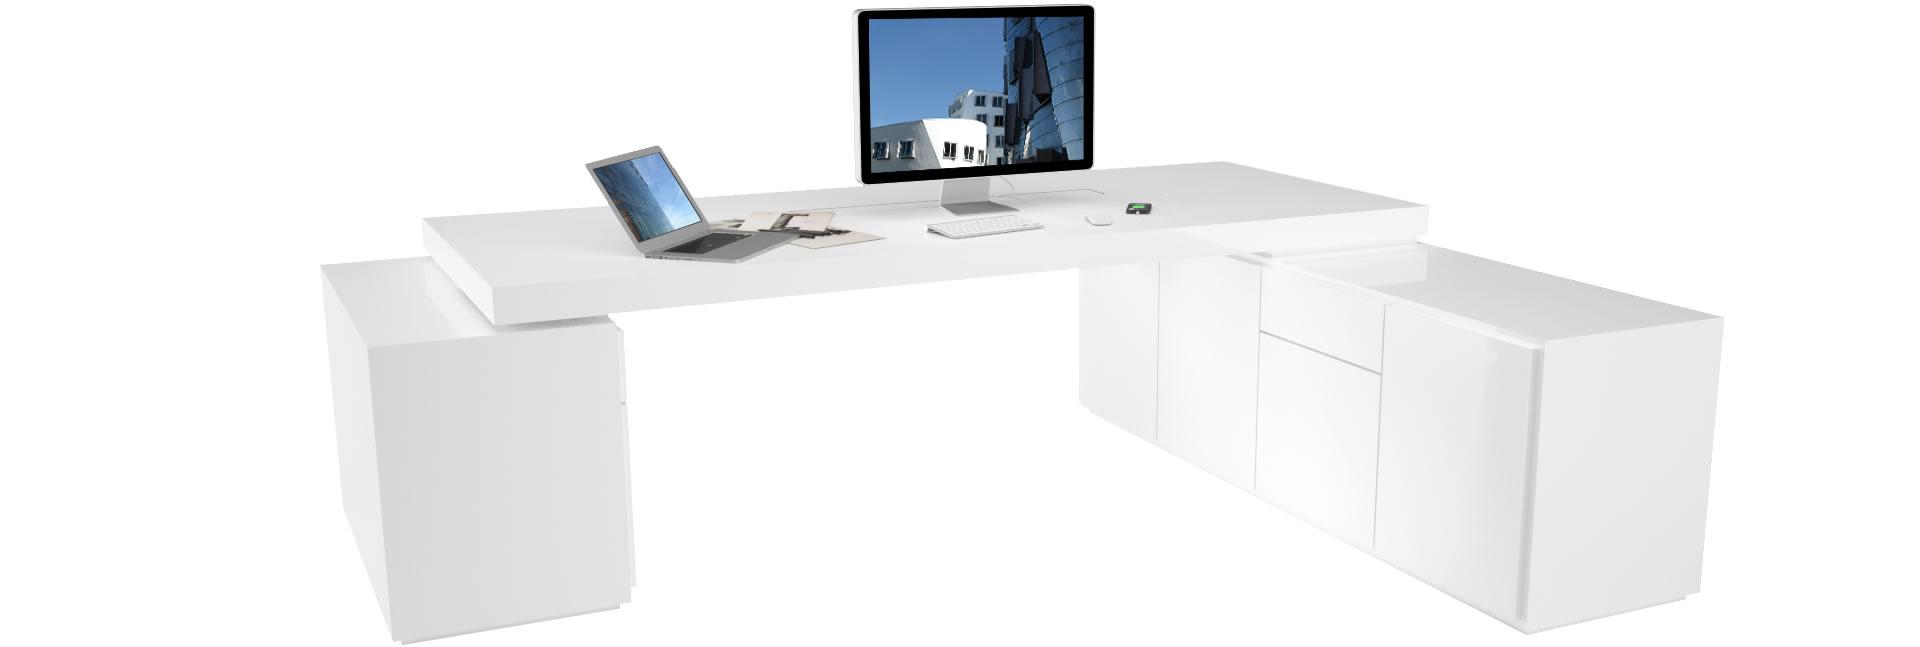 Büro eckschreibtisch weiß  Büro-Schreibtisch PRAEFECTUS preis ▭ modern Büro-schreibtische ...